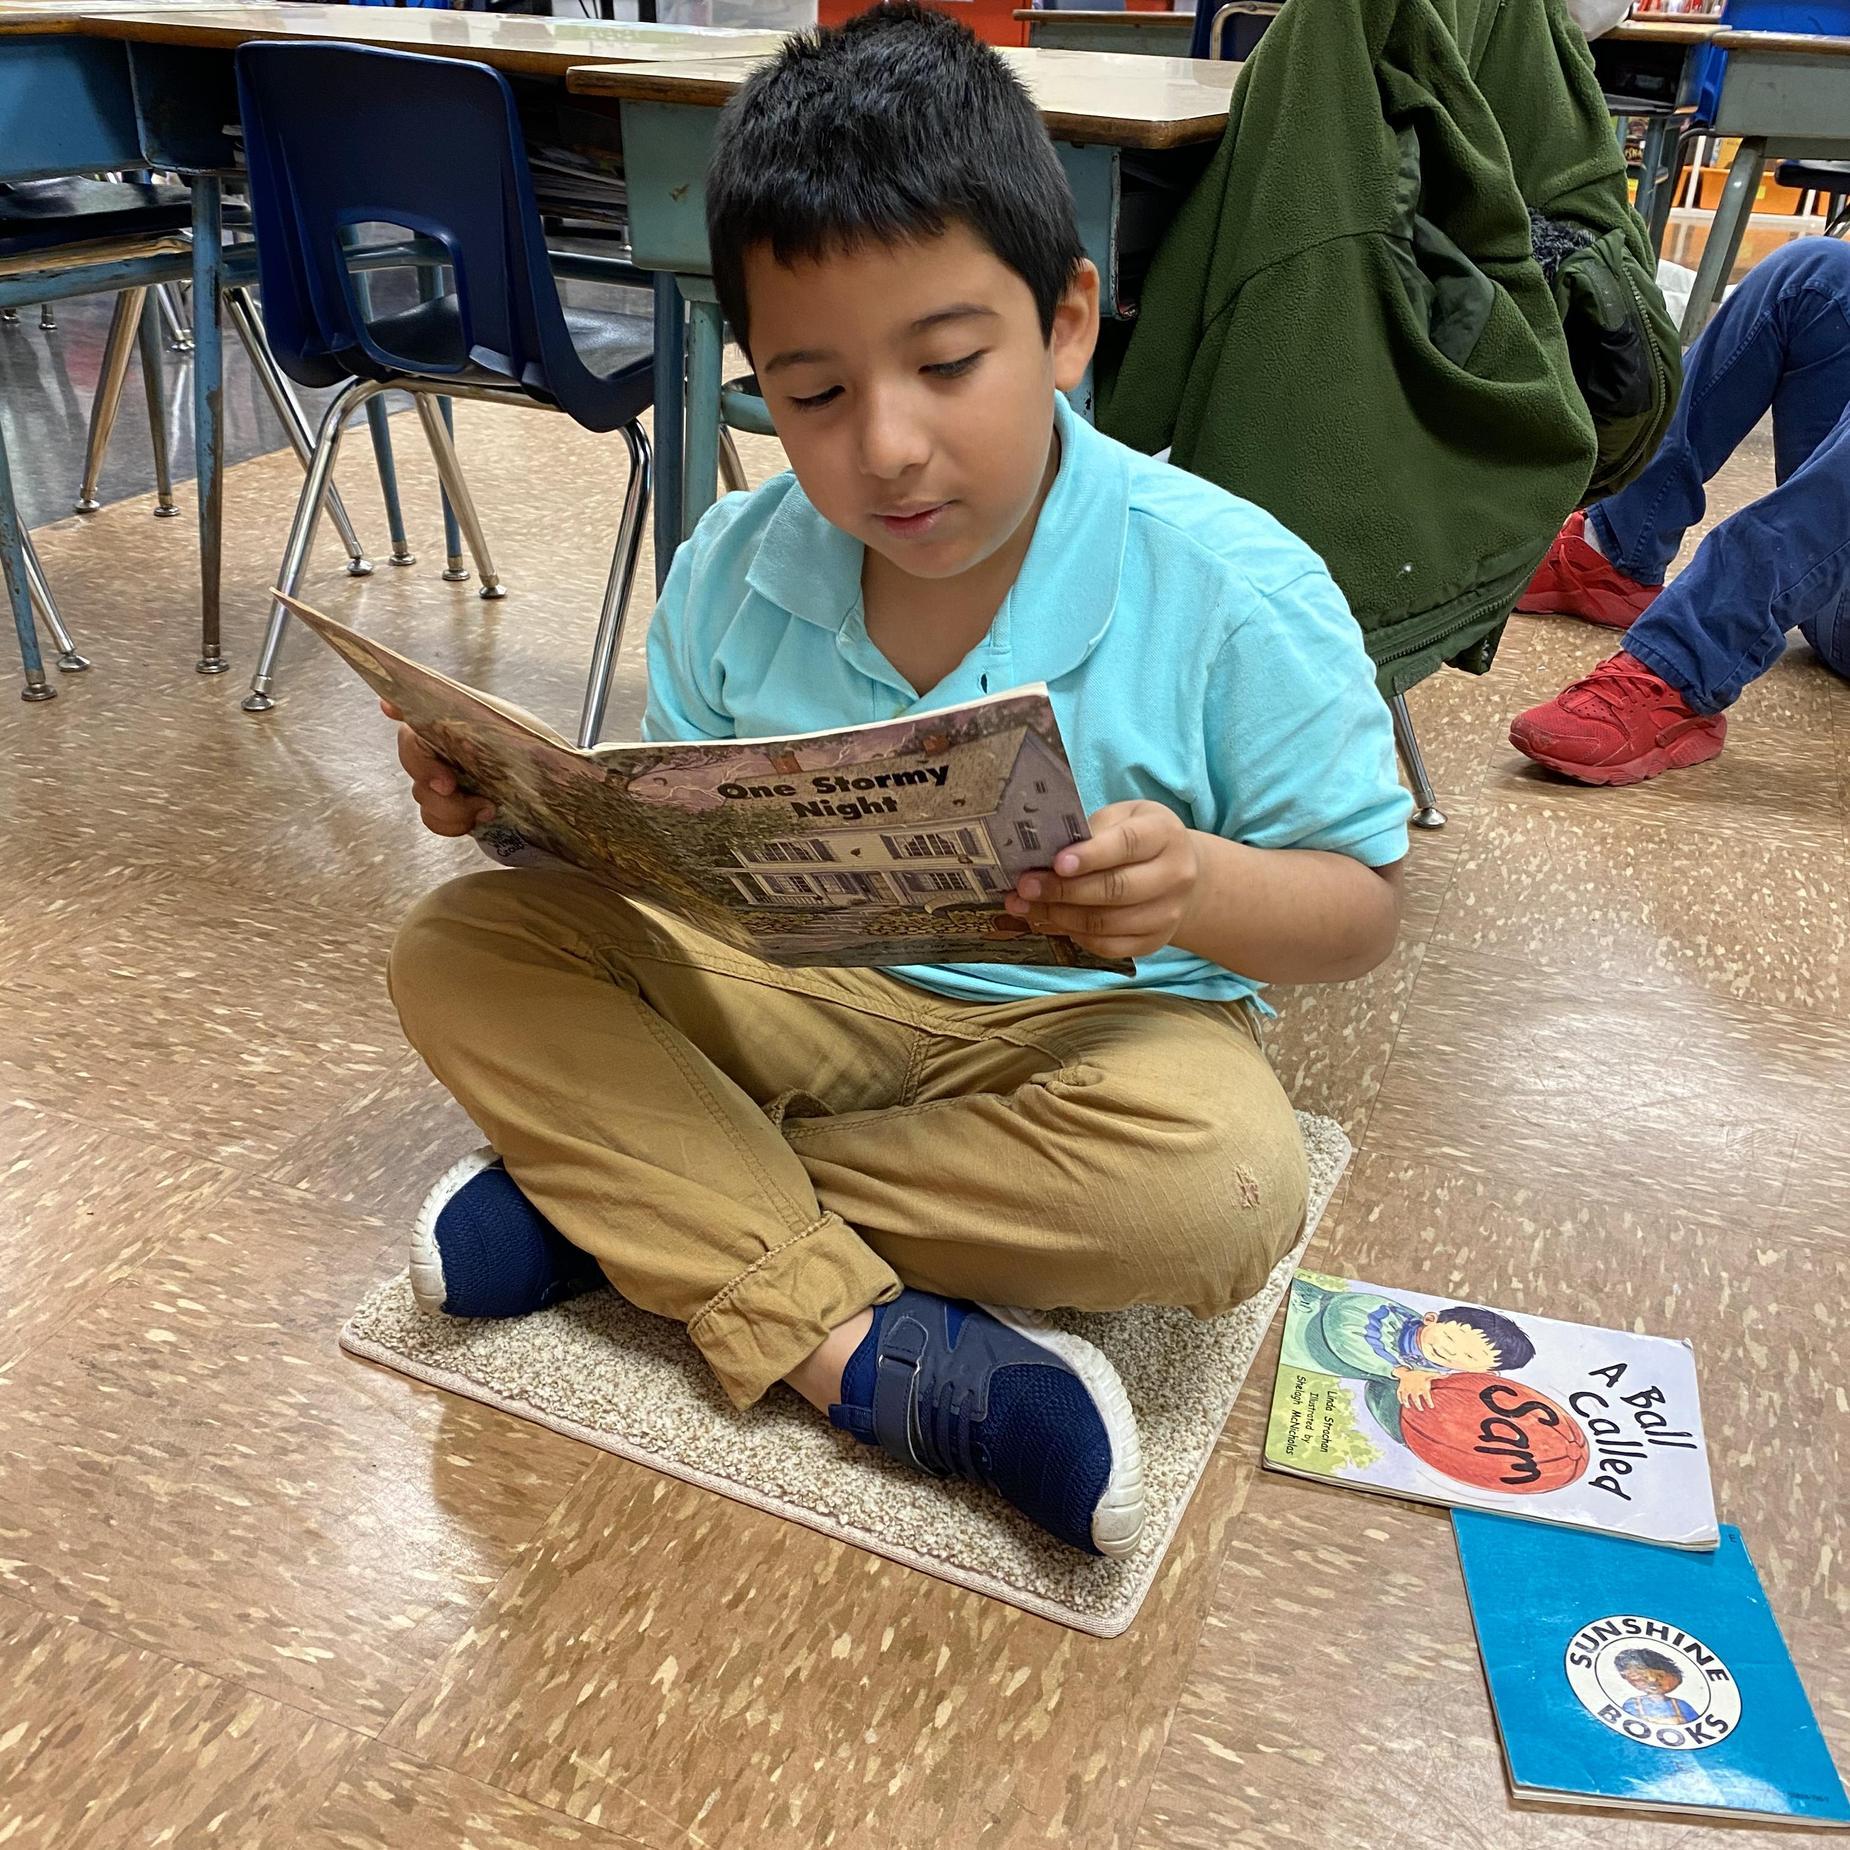 Boy reading a book.